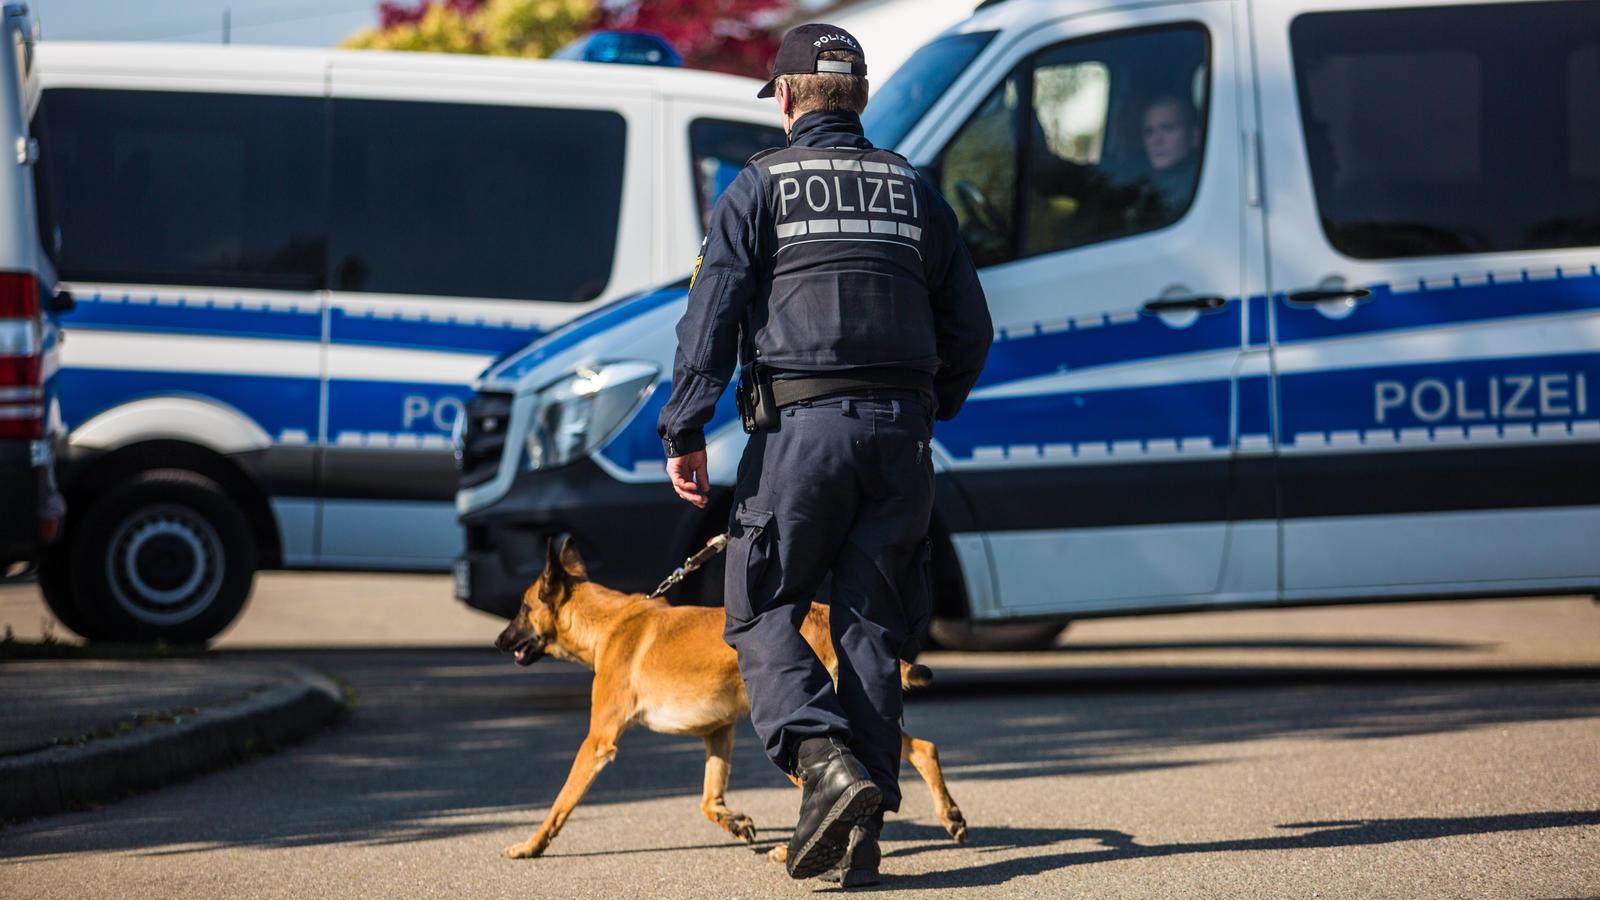 Symbolbild: Polizeihund aus Rottenburg am Neckar